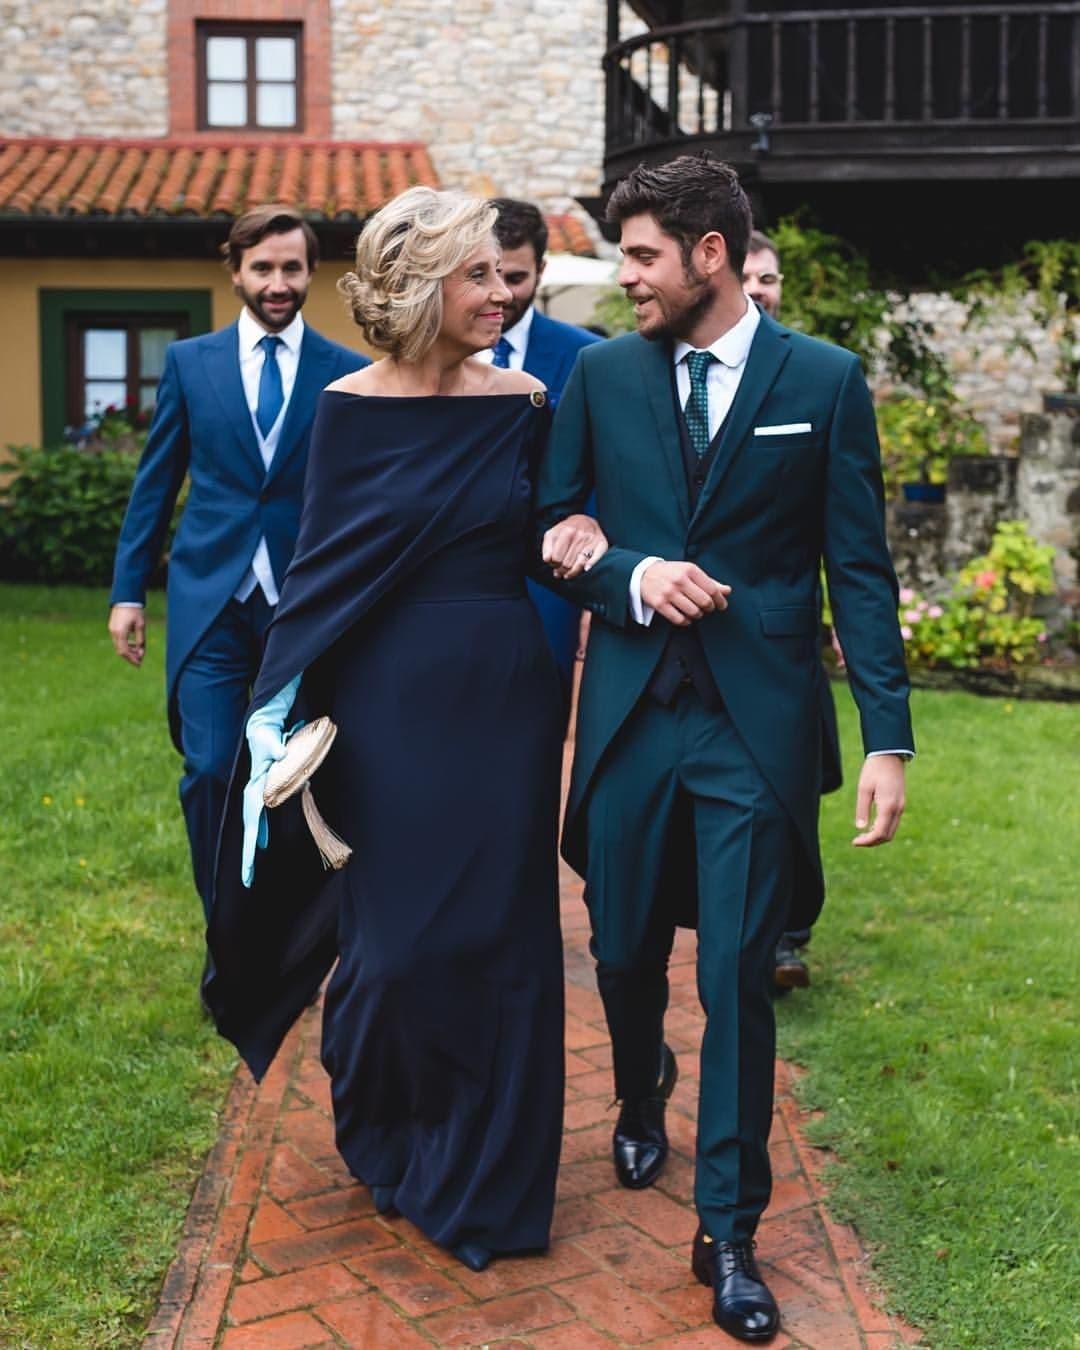 Madrina de boda de brazo con su hijo